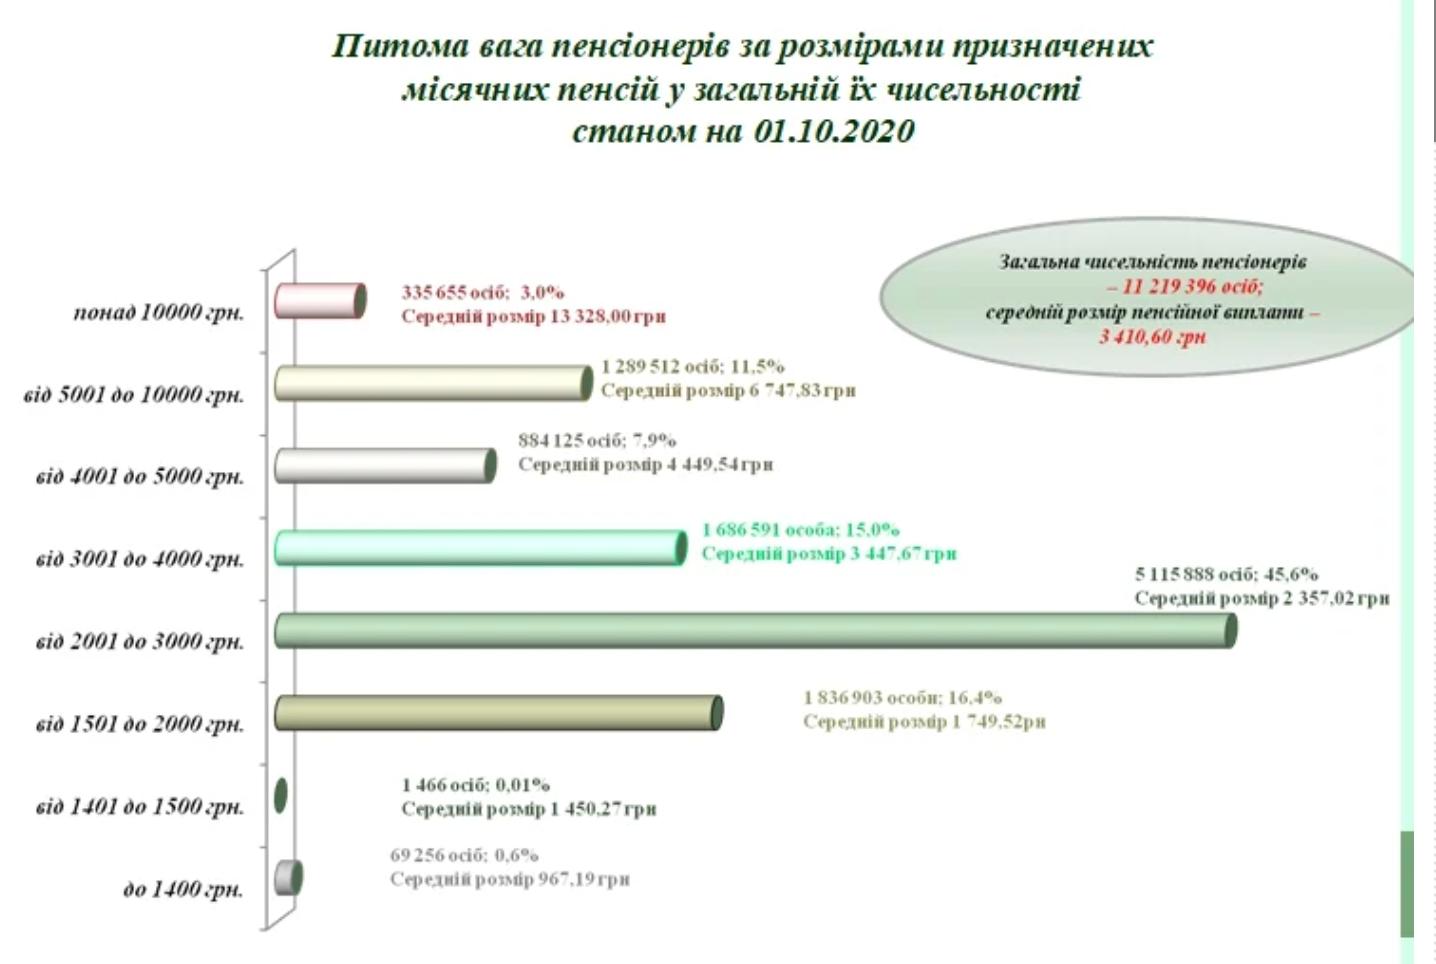 Стало відомо скільки українських пенсіонерів отримують понад 10 тисяч гривень